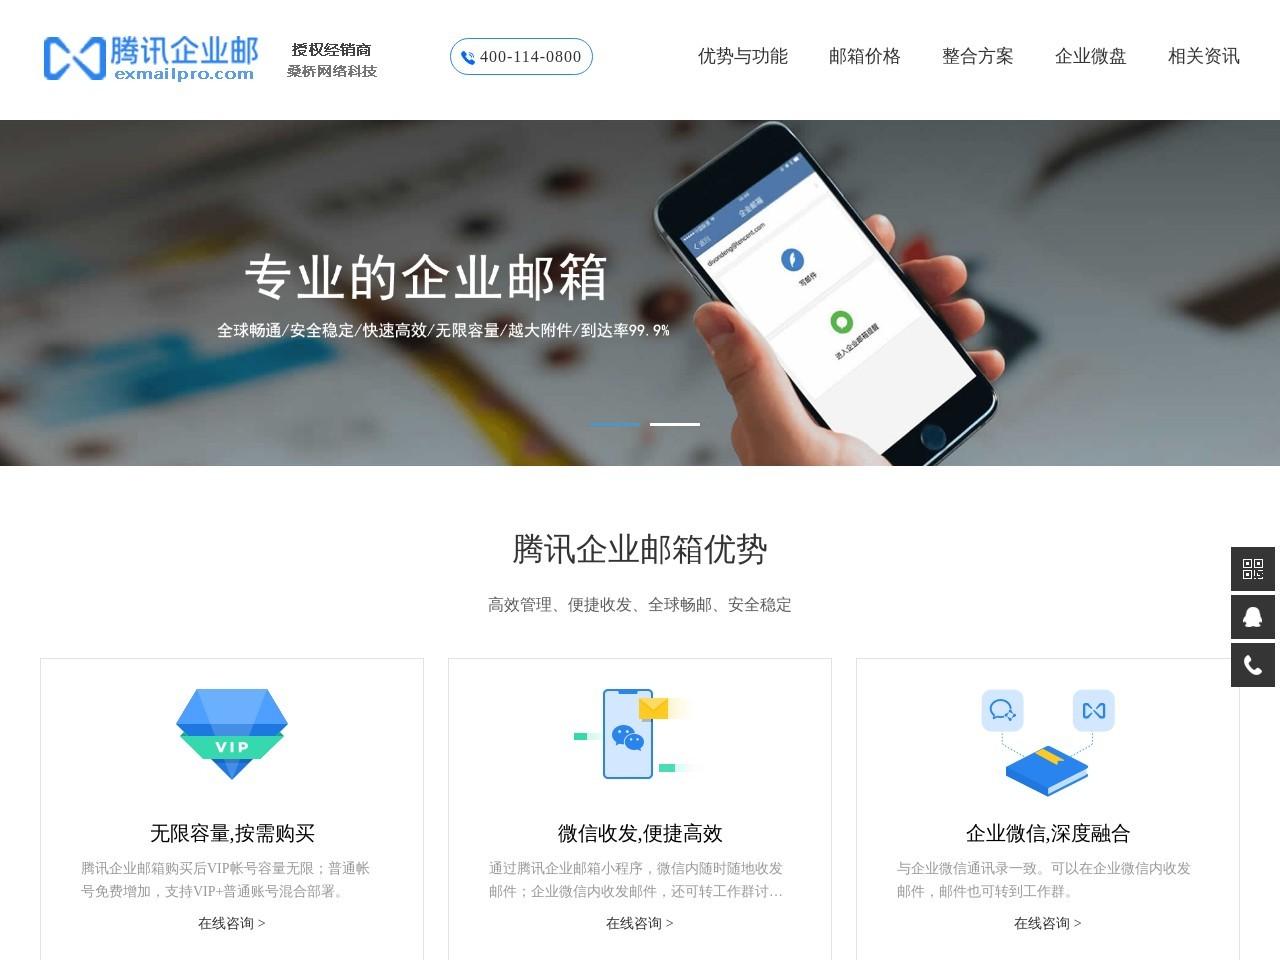 微信企业邮箱